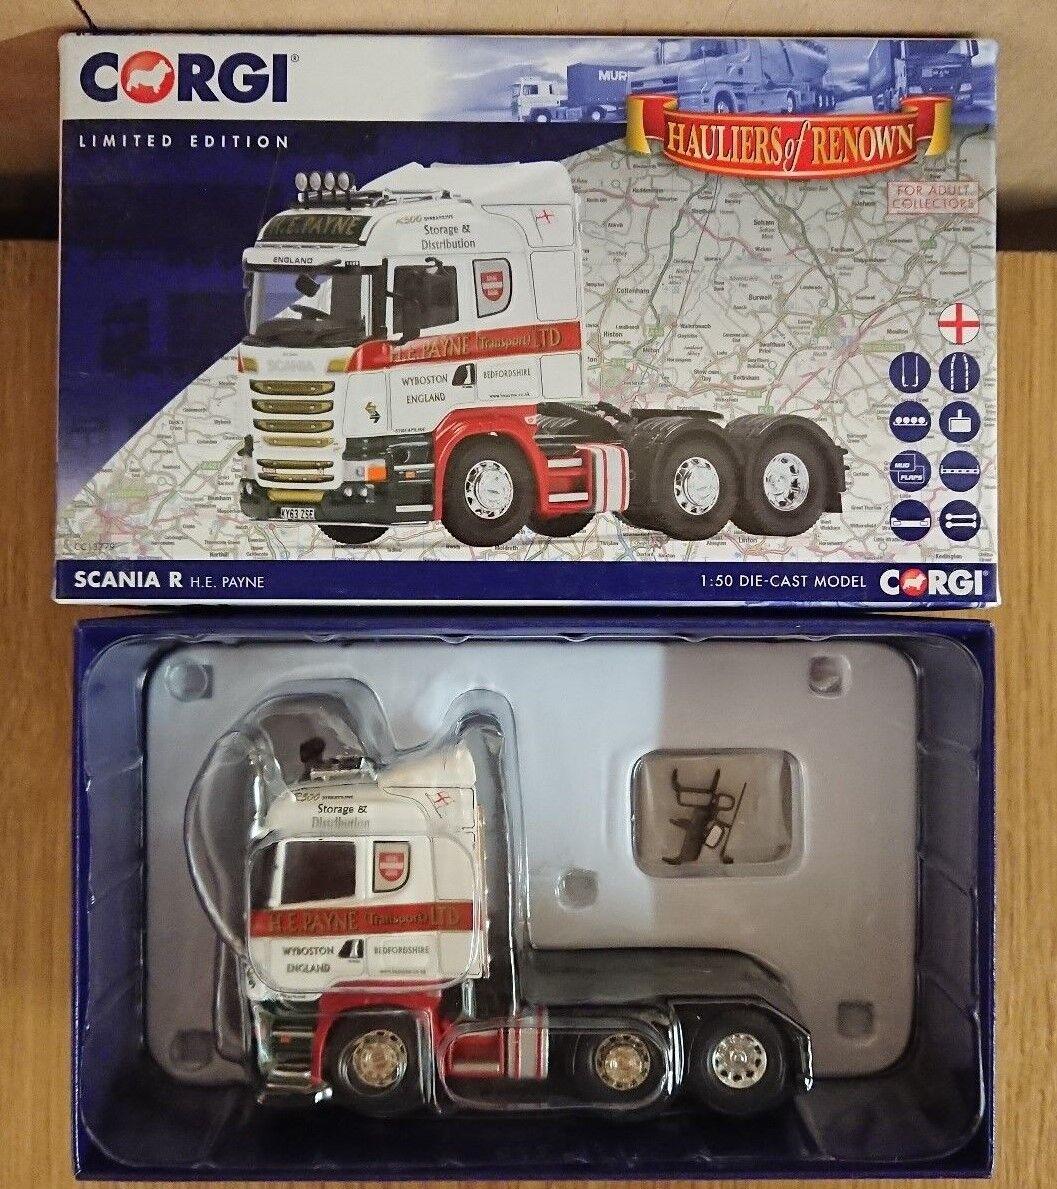 Corgi CC13779 Scania R, H.E. Payne Ltd Edition No. 1000 of 1000